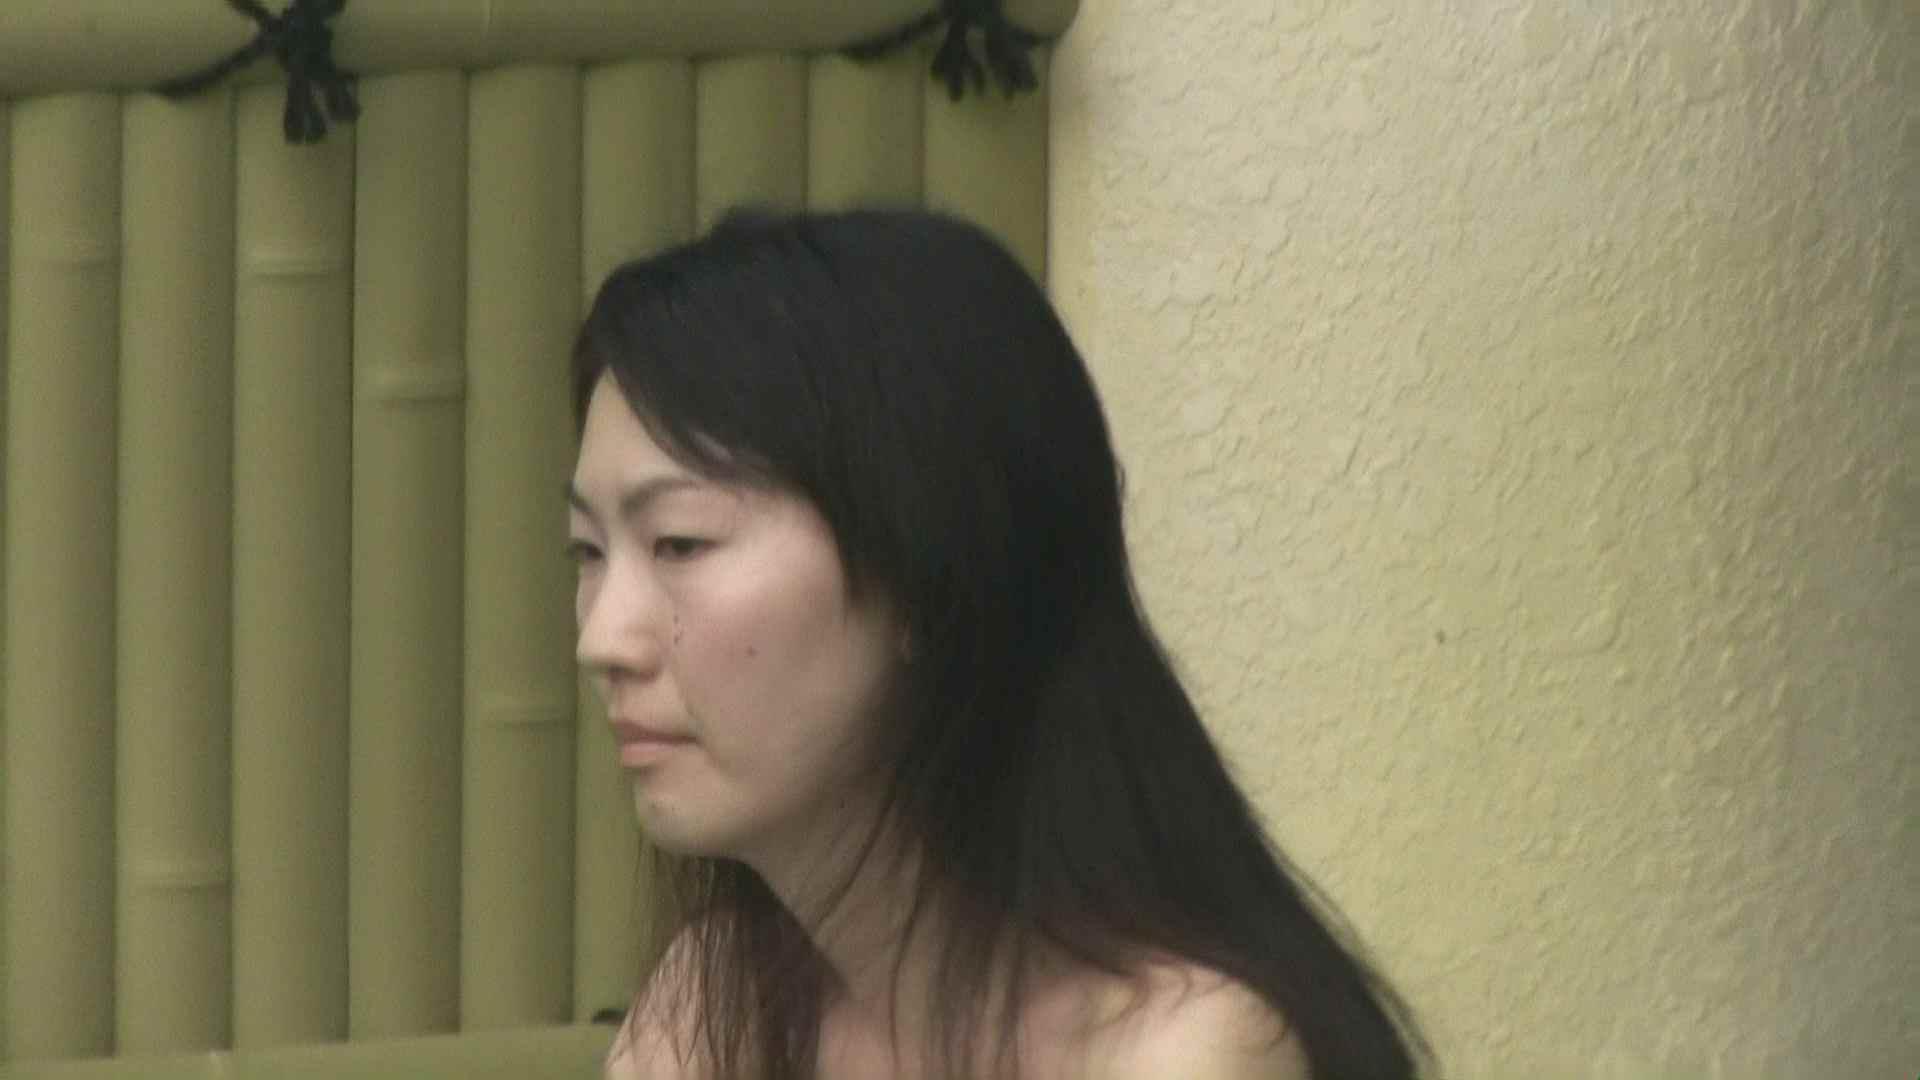 高画質露天女風呂観察 vol.034 乙女ちゃん オマンコ無修正動画無料 41連発 5